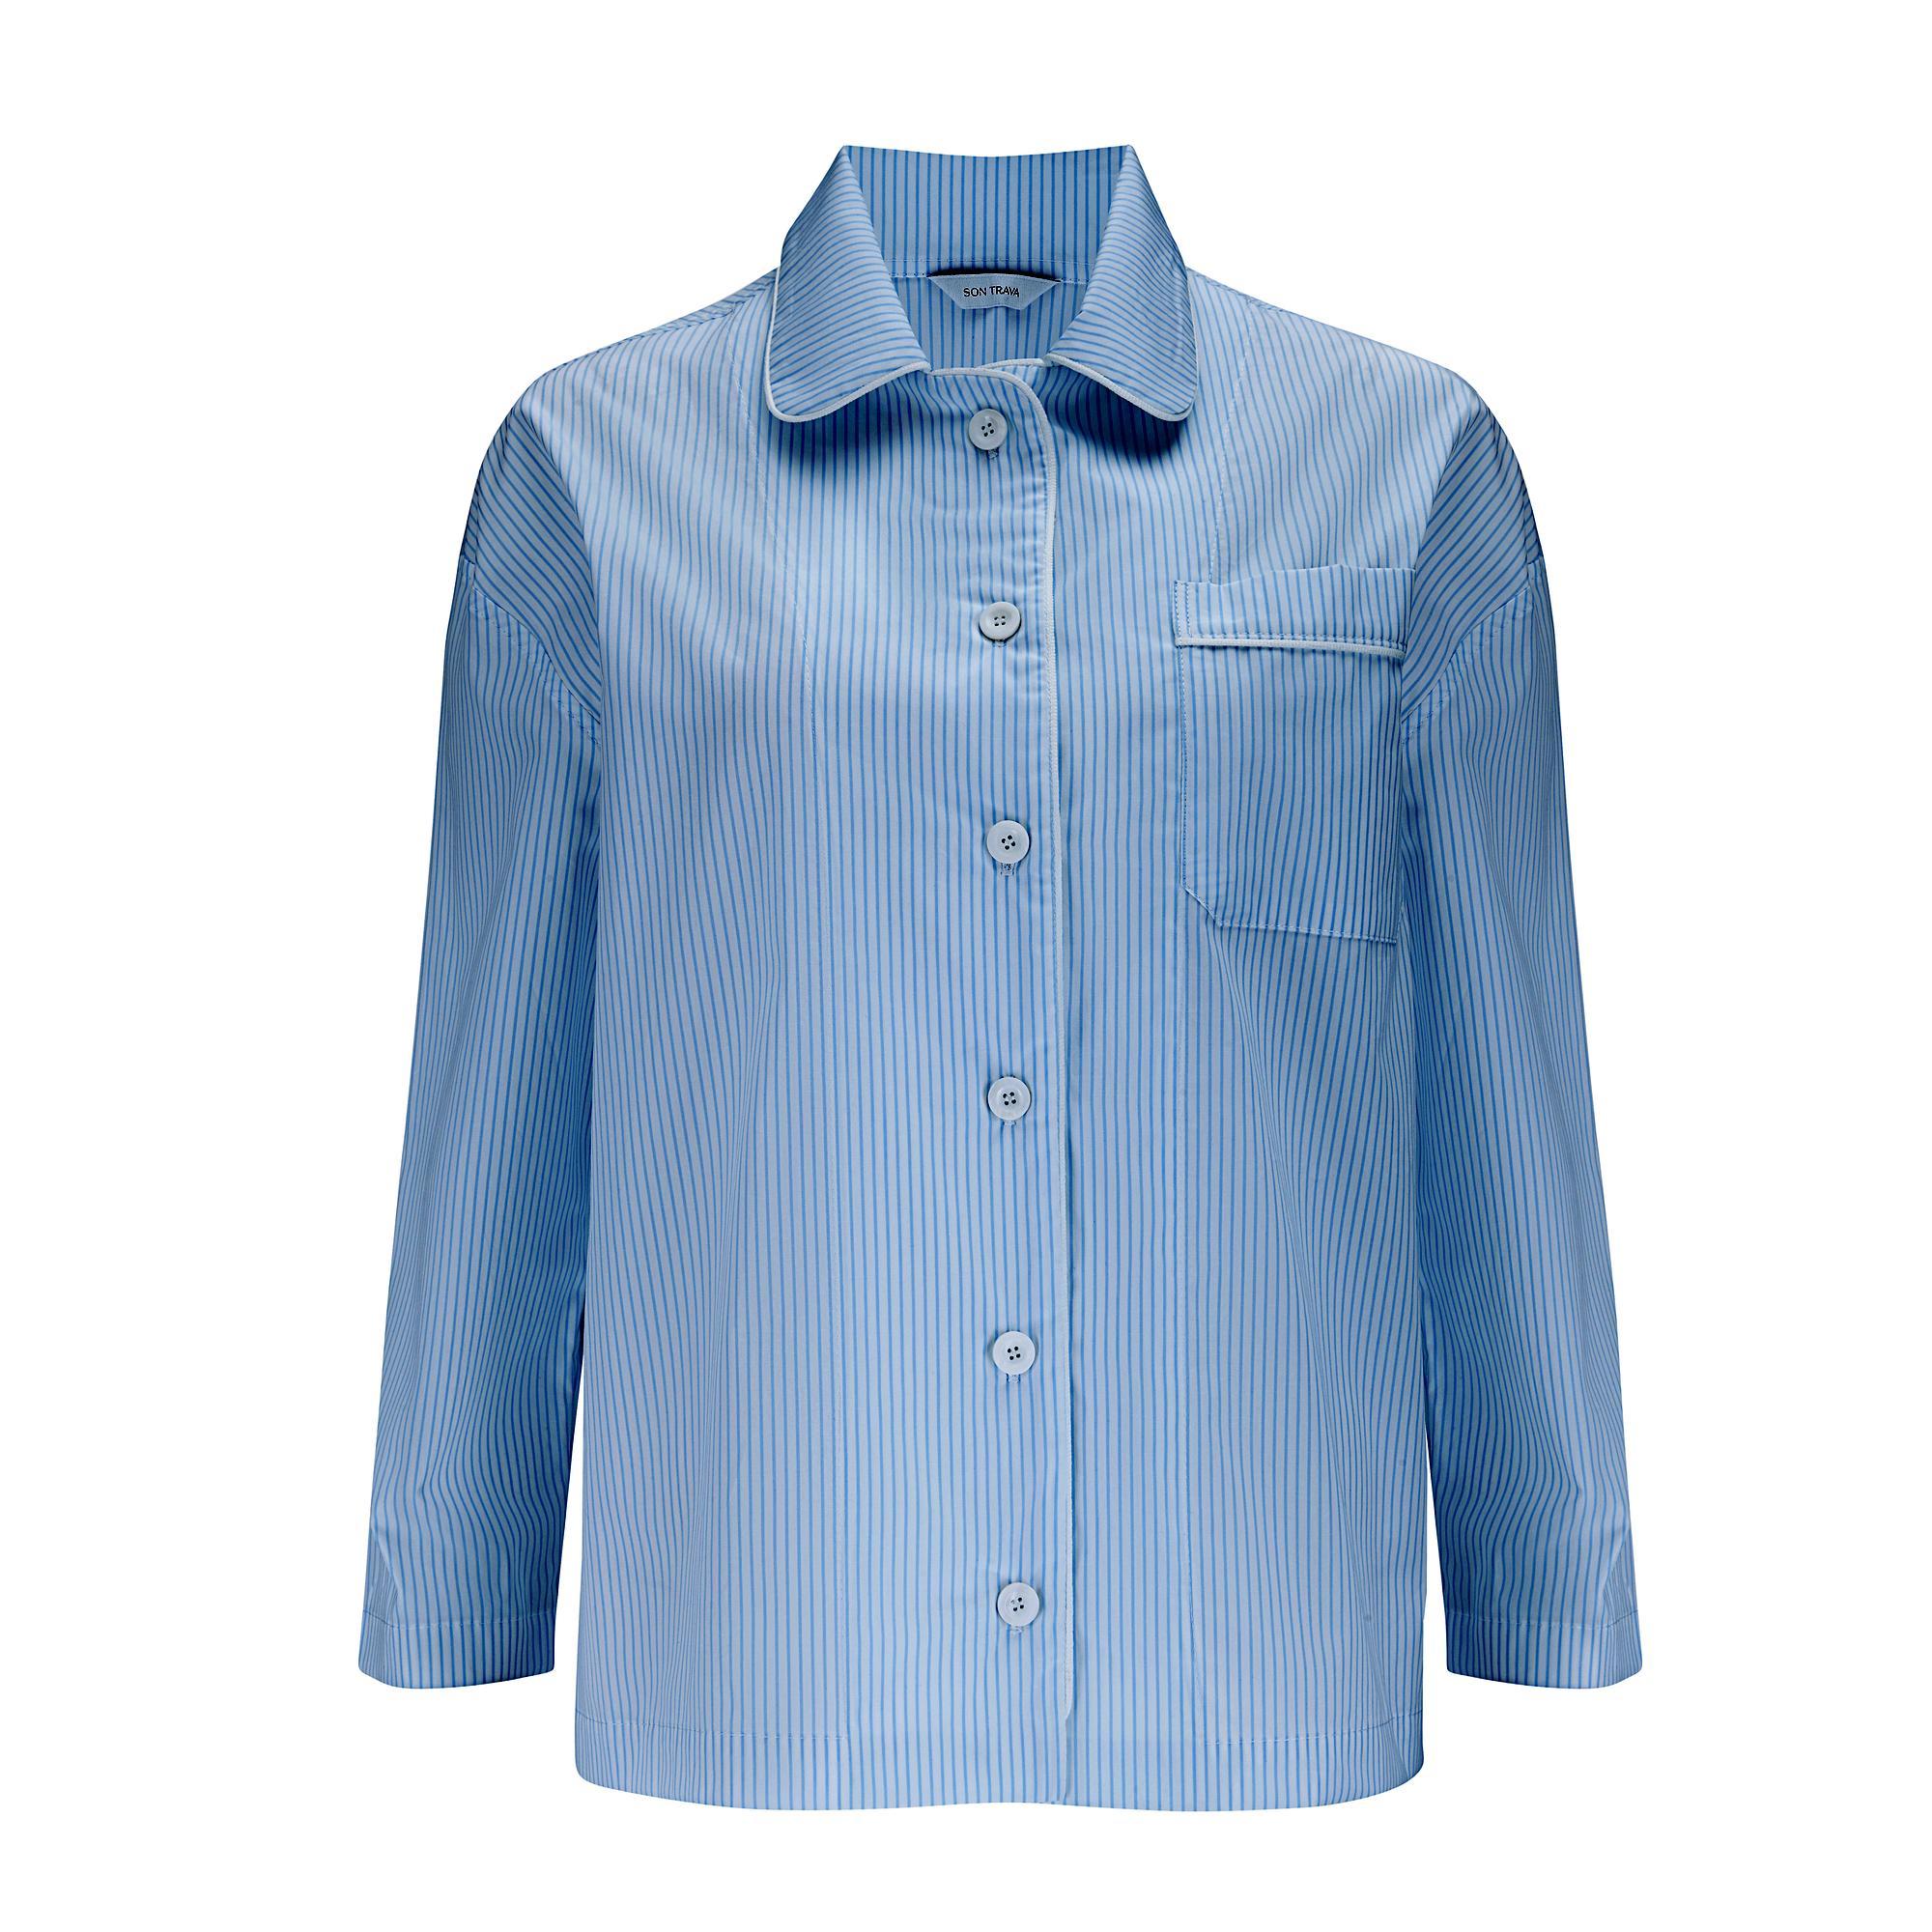 Miękka koszula zapinana na perłowe guziki. Wysokiej jakości bawełna pozwala skórze oddychać nocą. Świetnie sprawdzi się podczas wizyty gości lub w drodze po poranną kawę. Skład - 100% bawełna Modelka ma 178 cm wzrostu i nosi rozmiar IT 40 (S) Wyprodukowane w Polsce